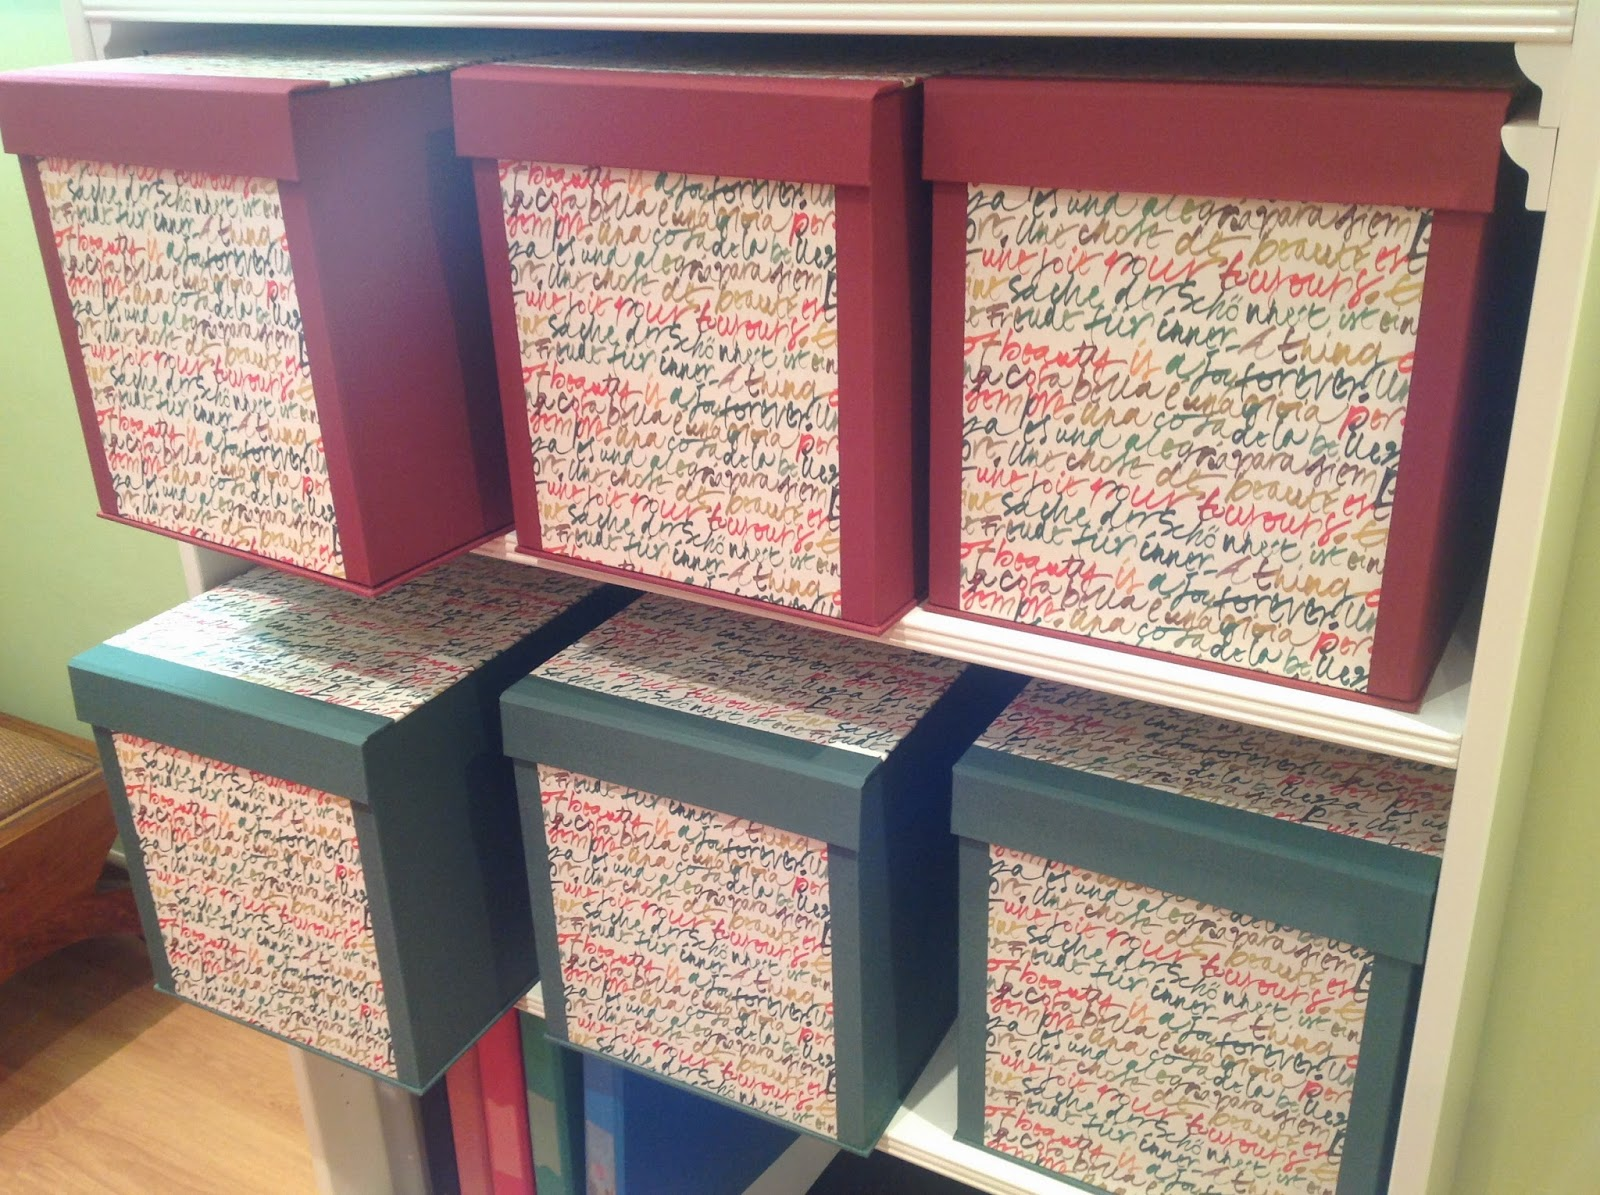 De cart n y trapo media docena de cajas for Cajas decorativas para almacenar